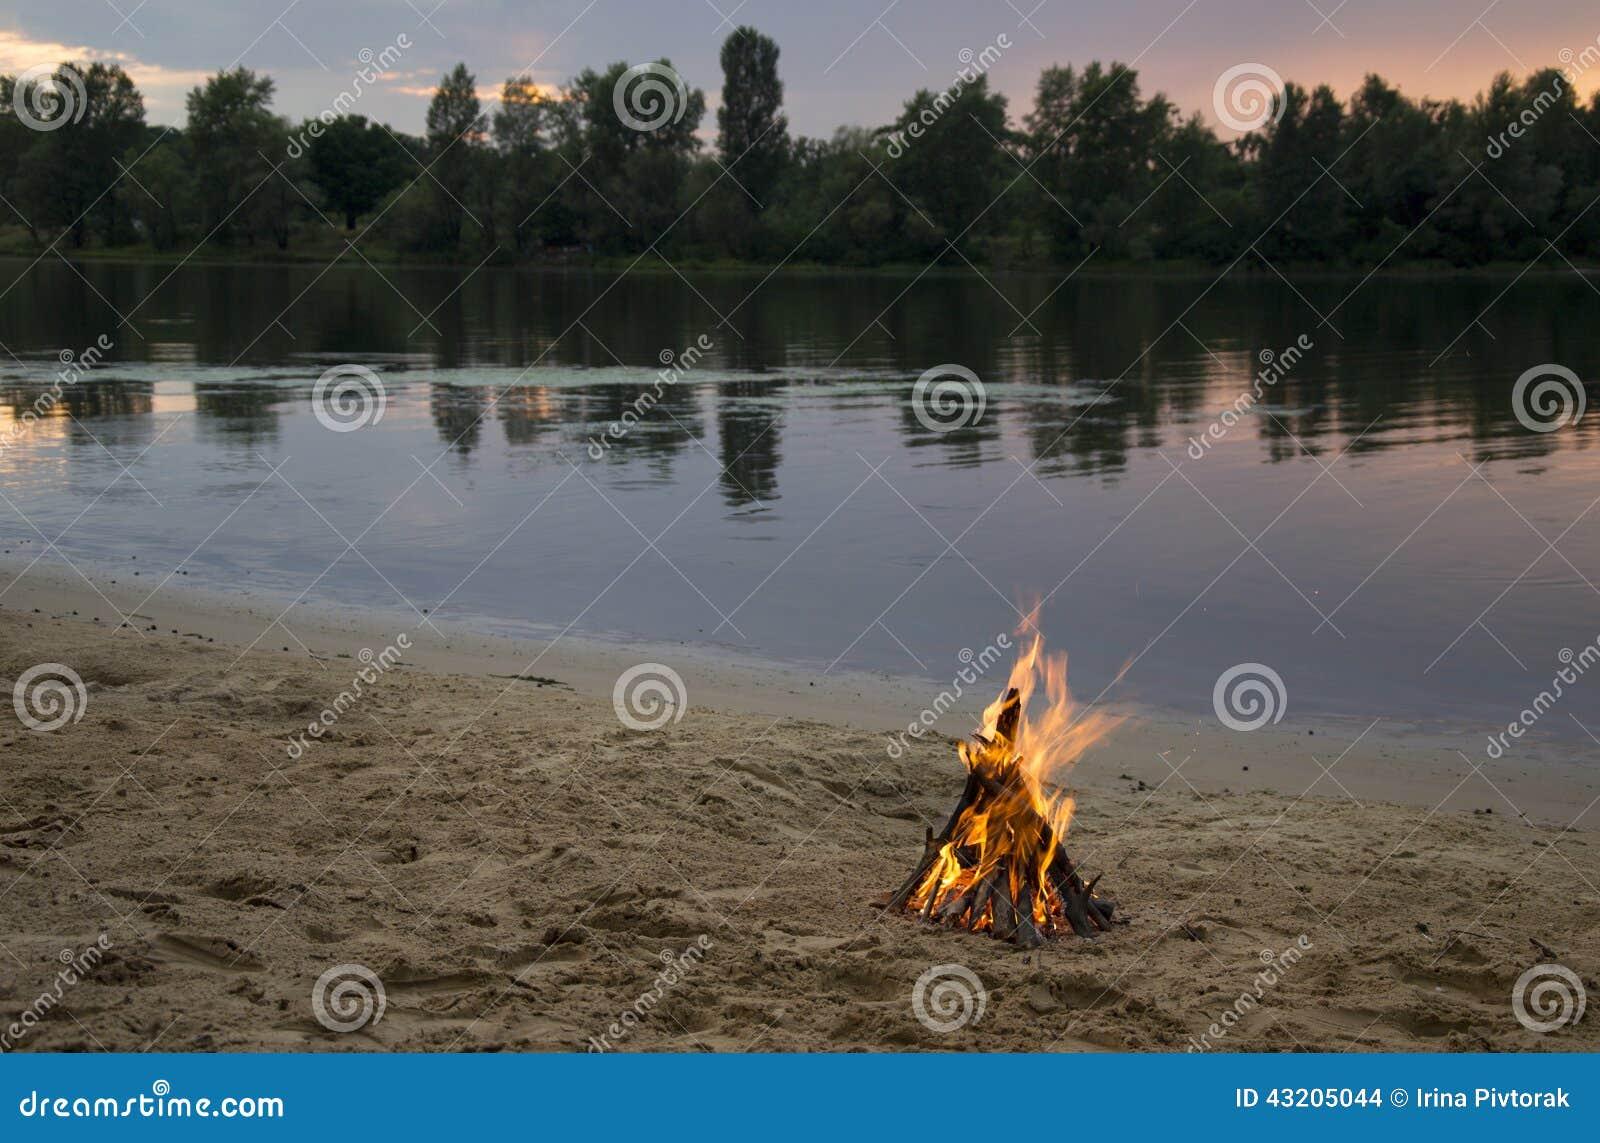 Download Brasa På Banken Av Floden På Solnedgången Arkivfoto - Bild av exponerat, horisont: 43205044